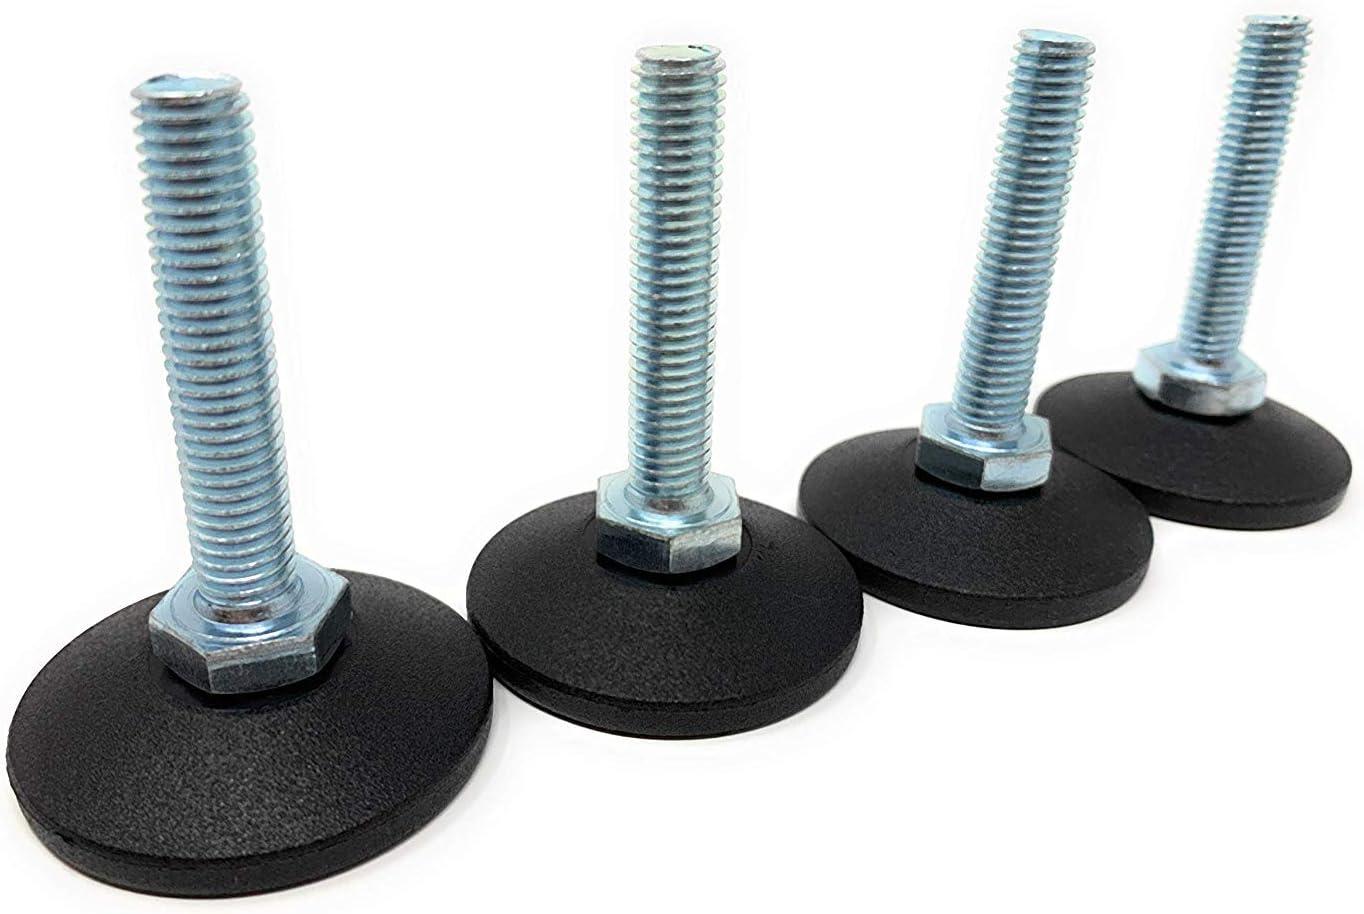 Juego de 12 almohadillas de hierro en forma de L para patas de muebles color negro JIHUOO protectores de suelo